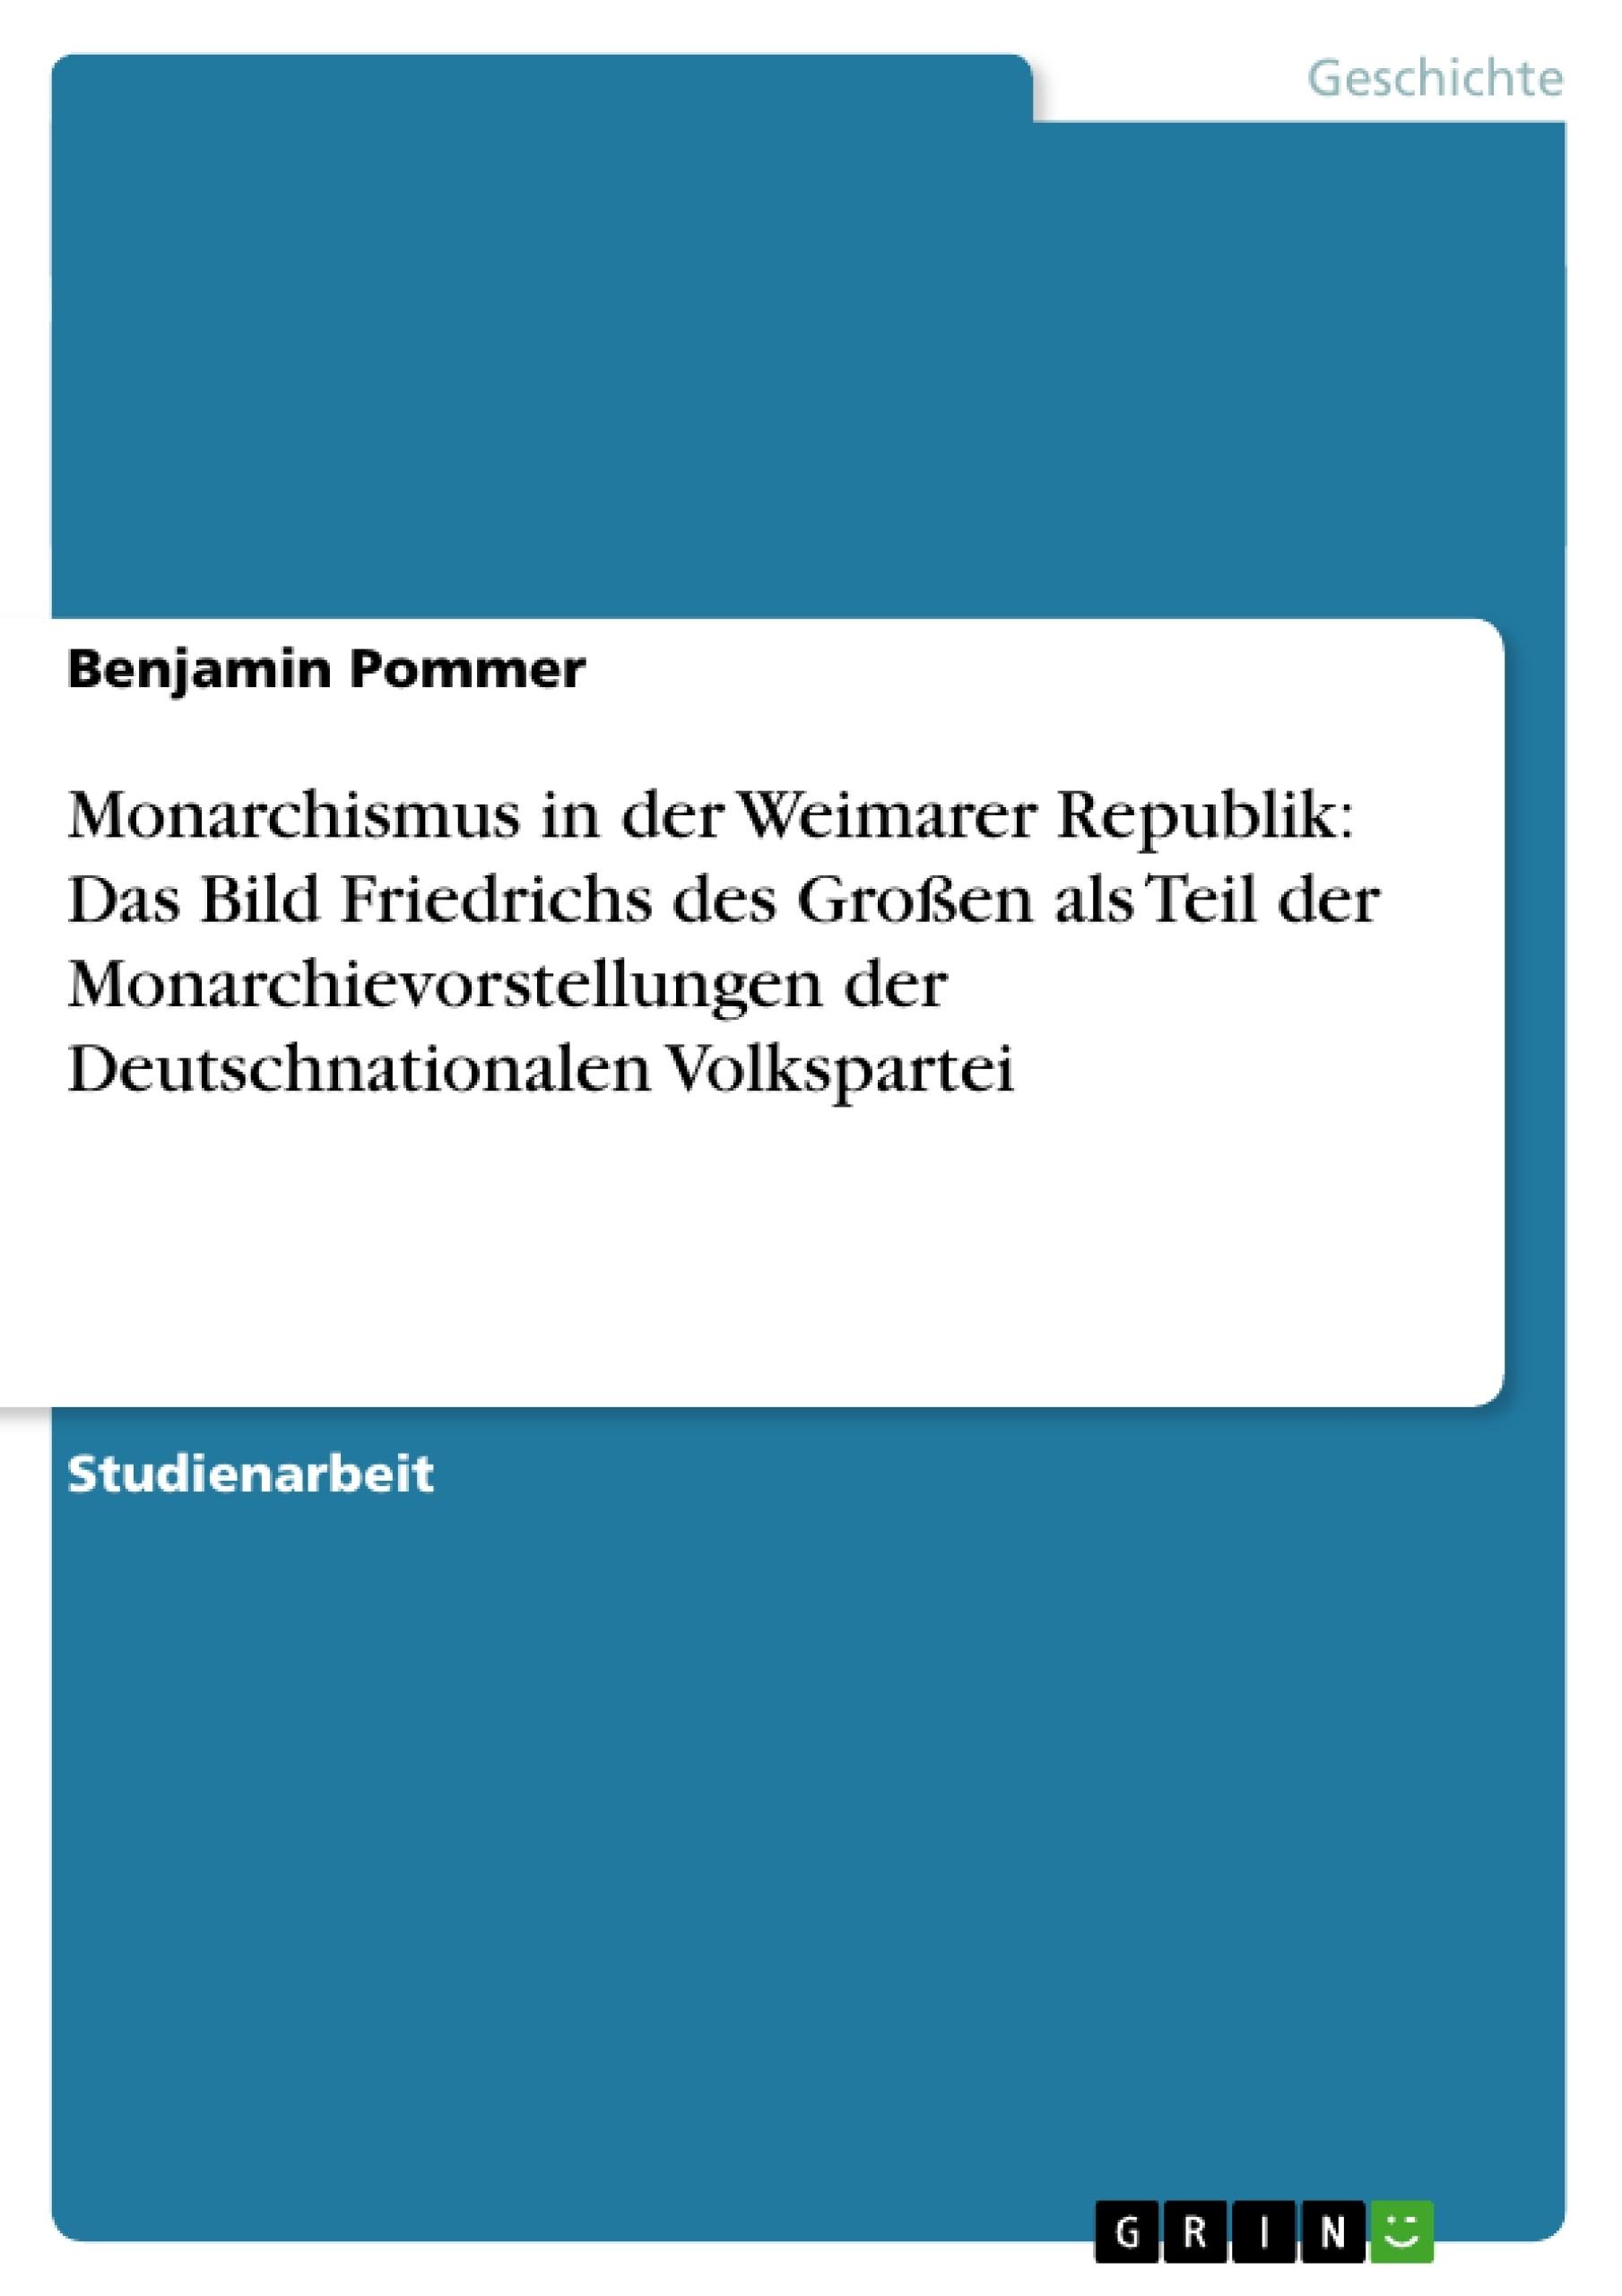 Titel: Monarchismus in der Weimarer Republik: Das Bild Friedrichs des Großen als Teil der Monarchievorstellungen der Deutschnationalen Volkspartei